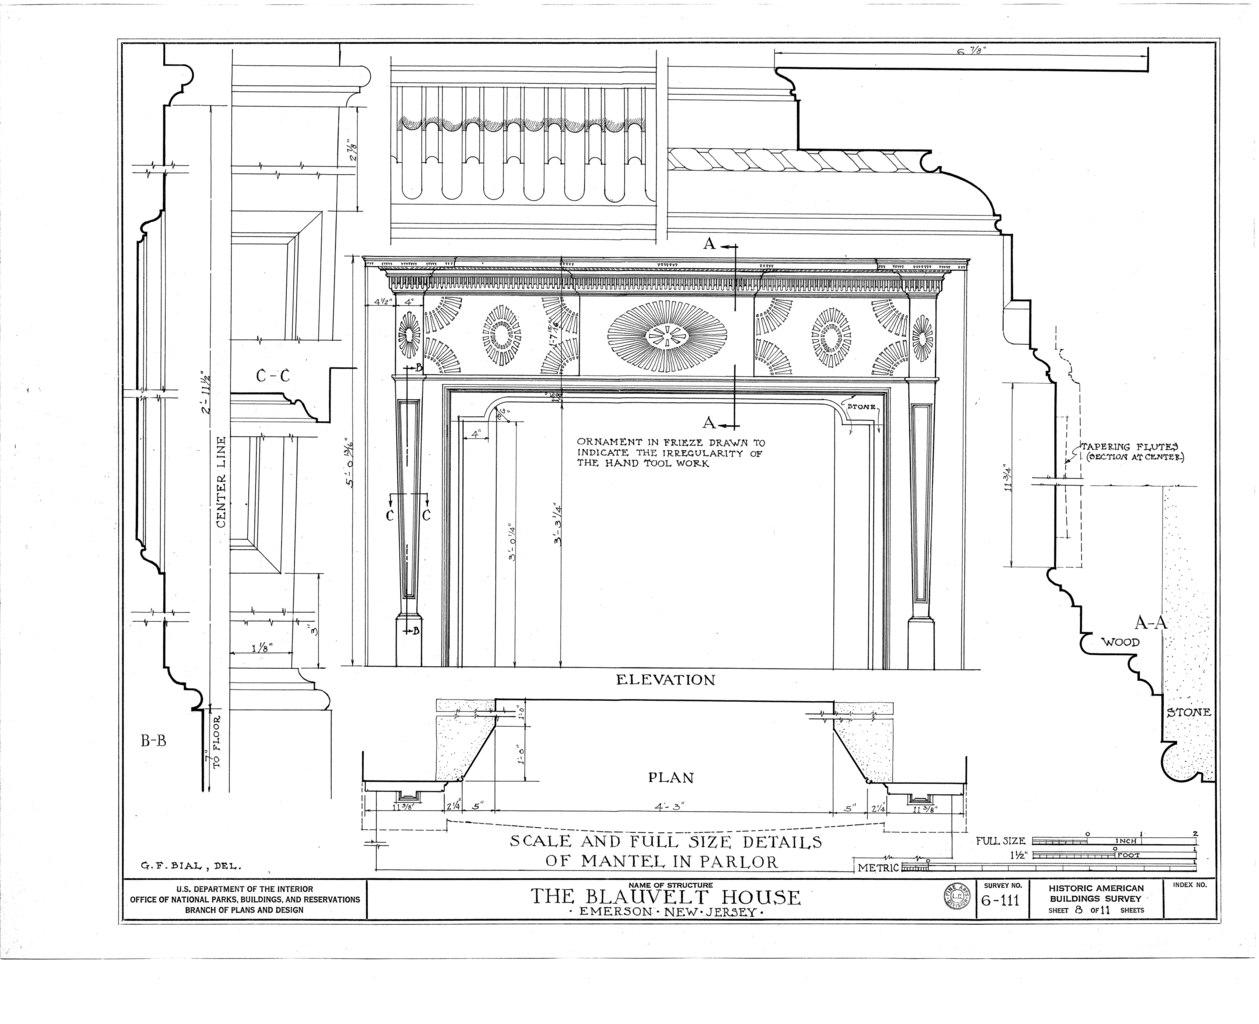 File Blauvelt House Old Hook Road Emerson Bergen County Nj Habs Nj 2 Emso 1 Sheet 8 Of 11